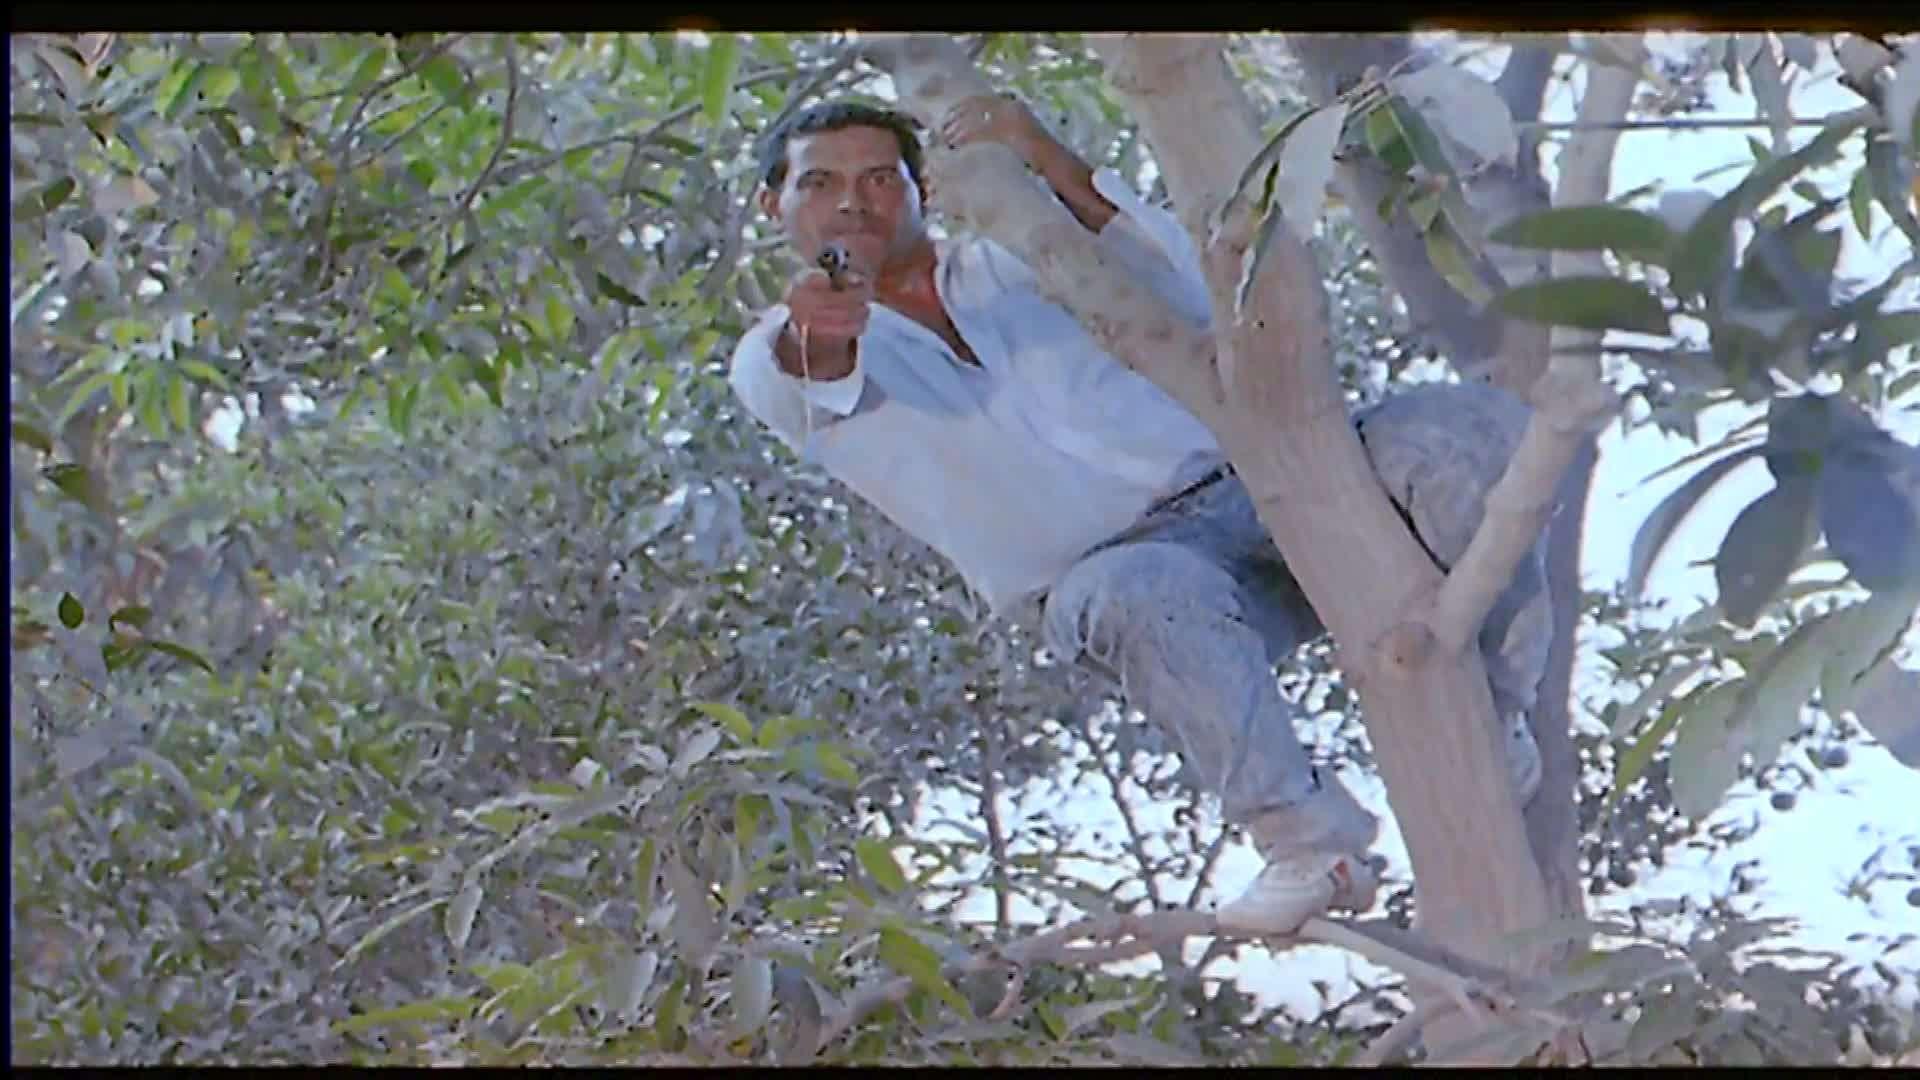 [فيلم][تورنت][تحميل][حنفي الأبهة][1990][1080p][Web-DL] 12 arabp2p.com